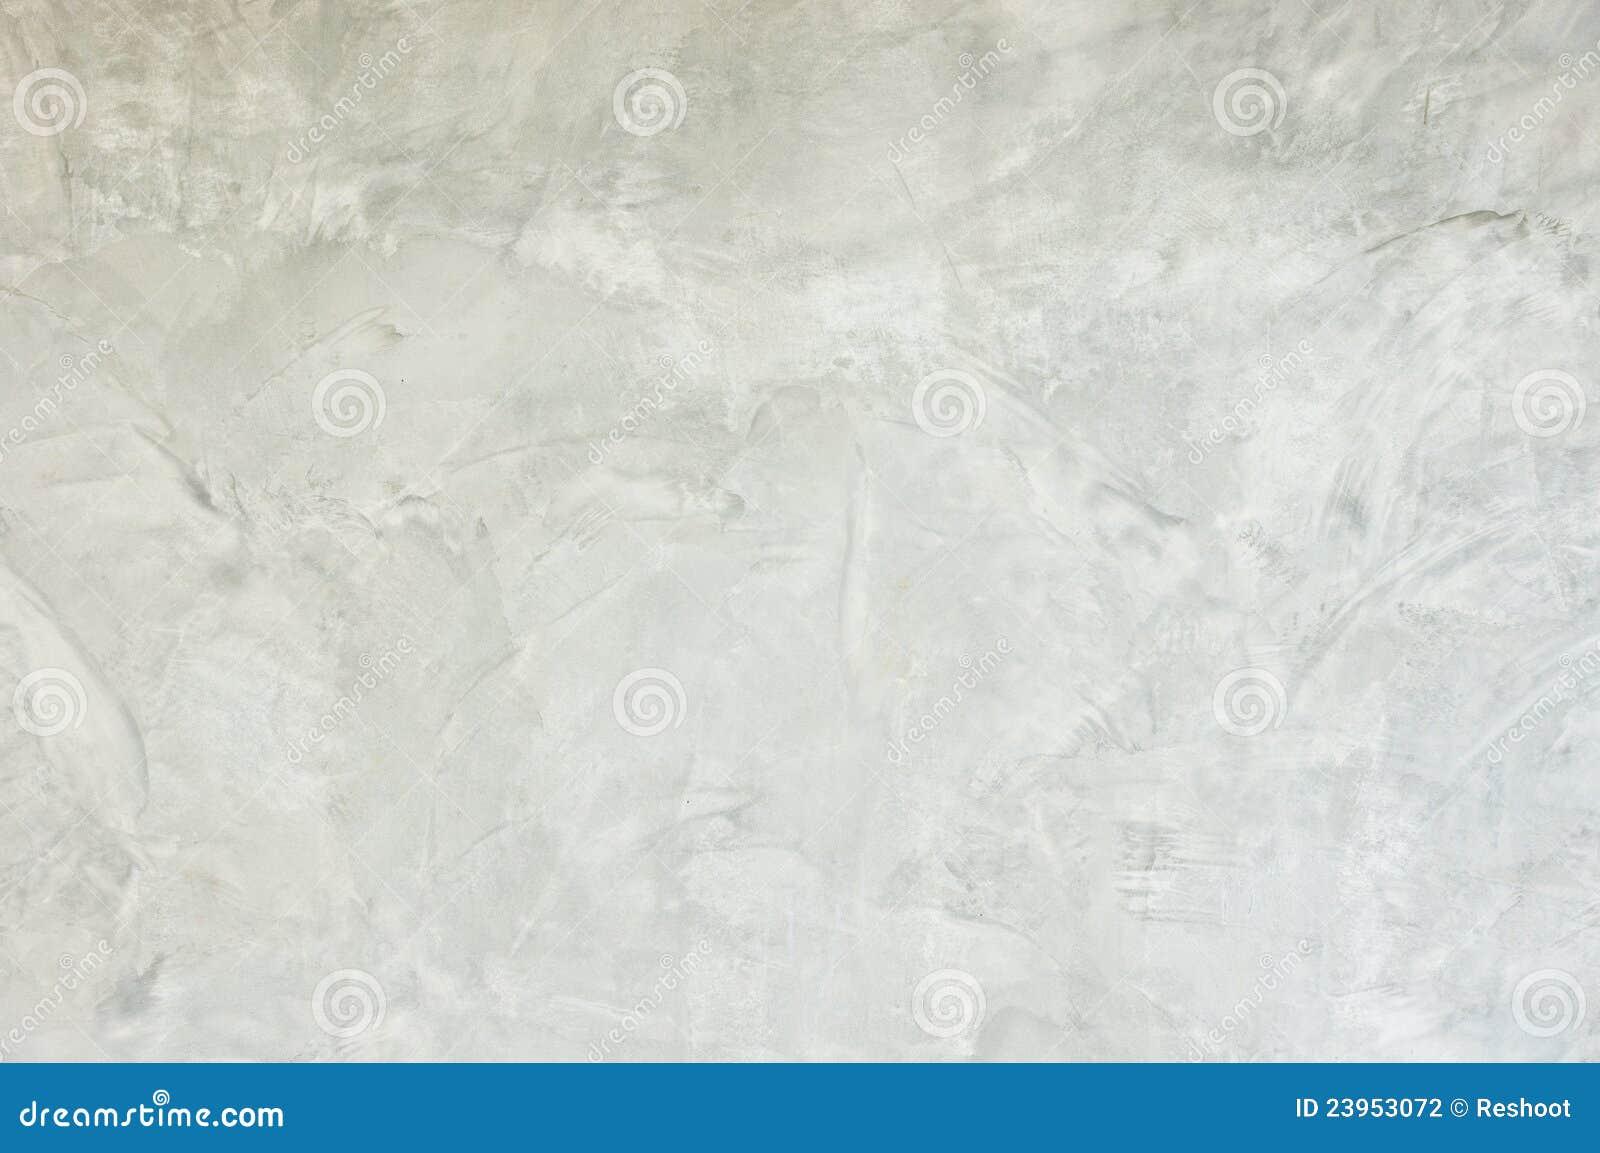 Intonaco Del Cemento Fotografia Stock Immagine Di